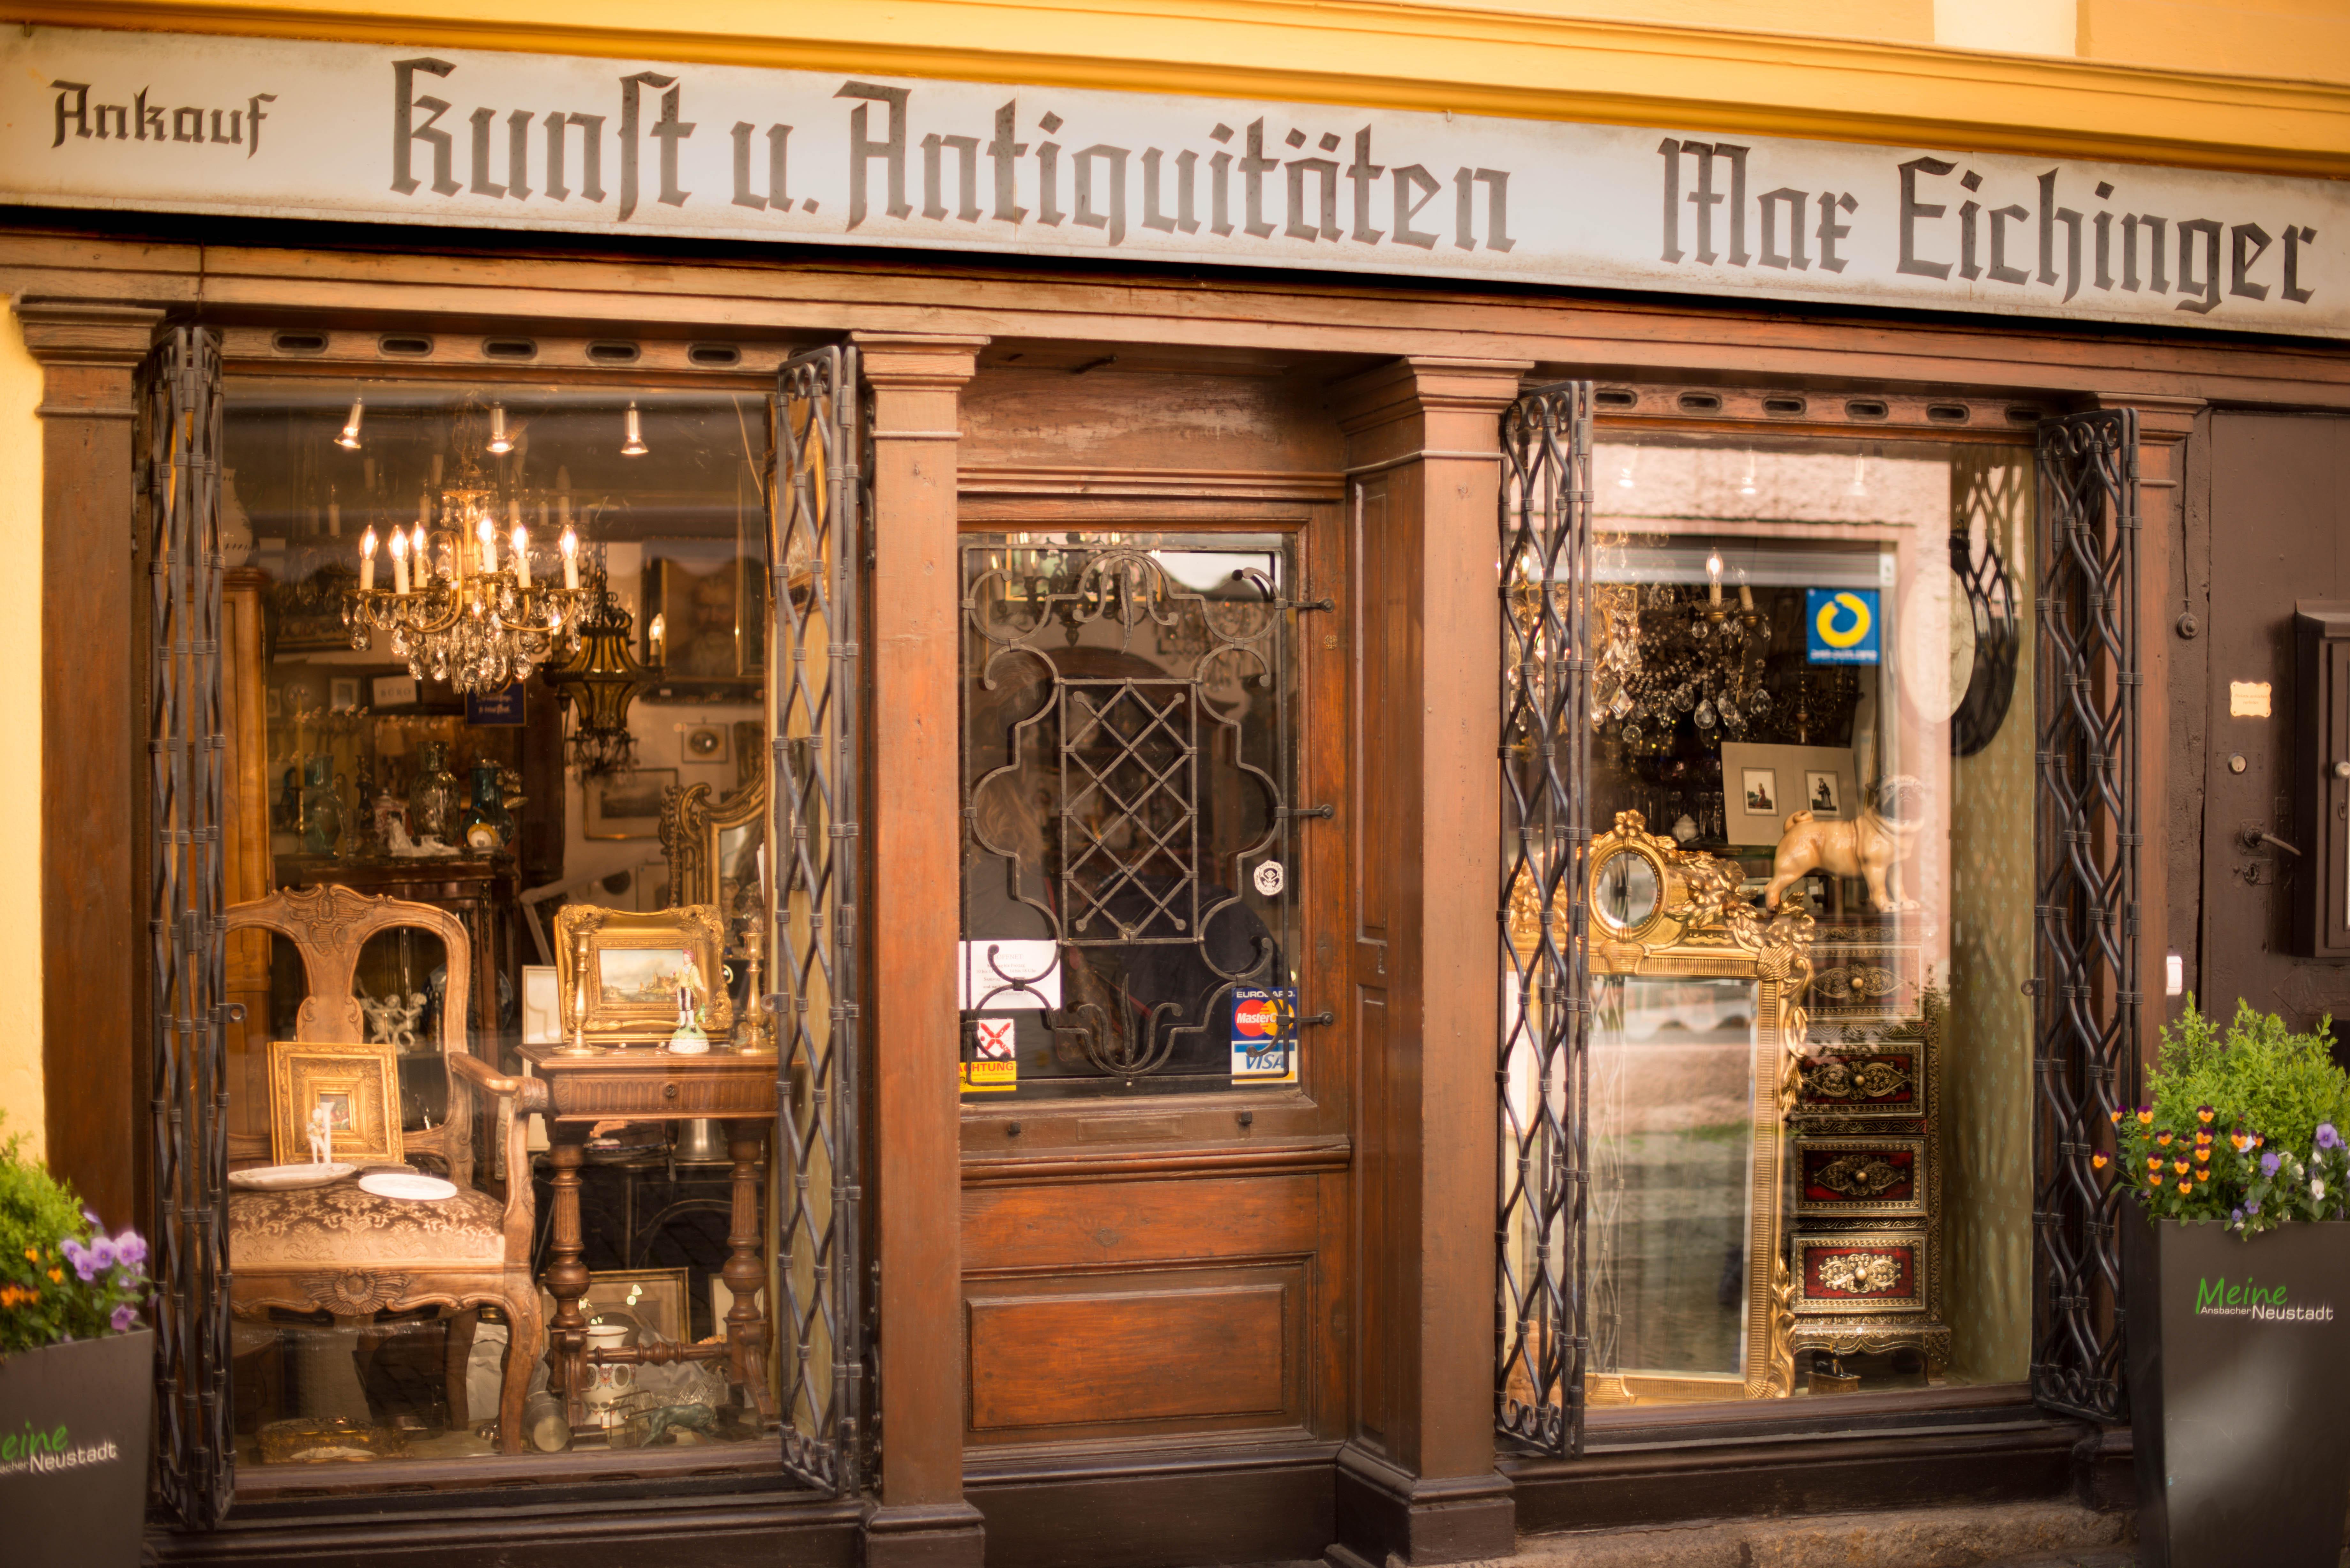 Ankauf Verkauf Von Antiquitäten In Ansbach Antiquitäten Eichinger